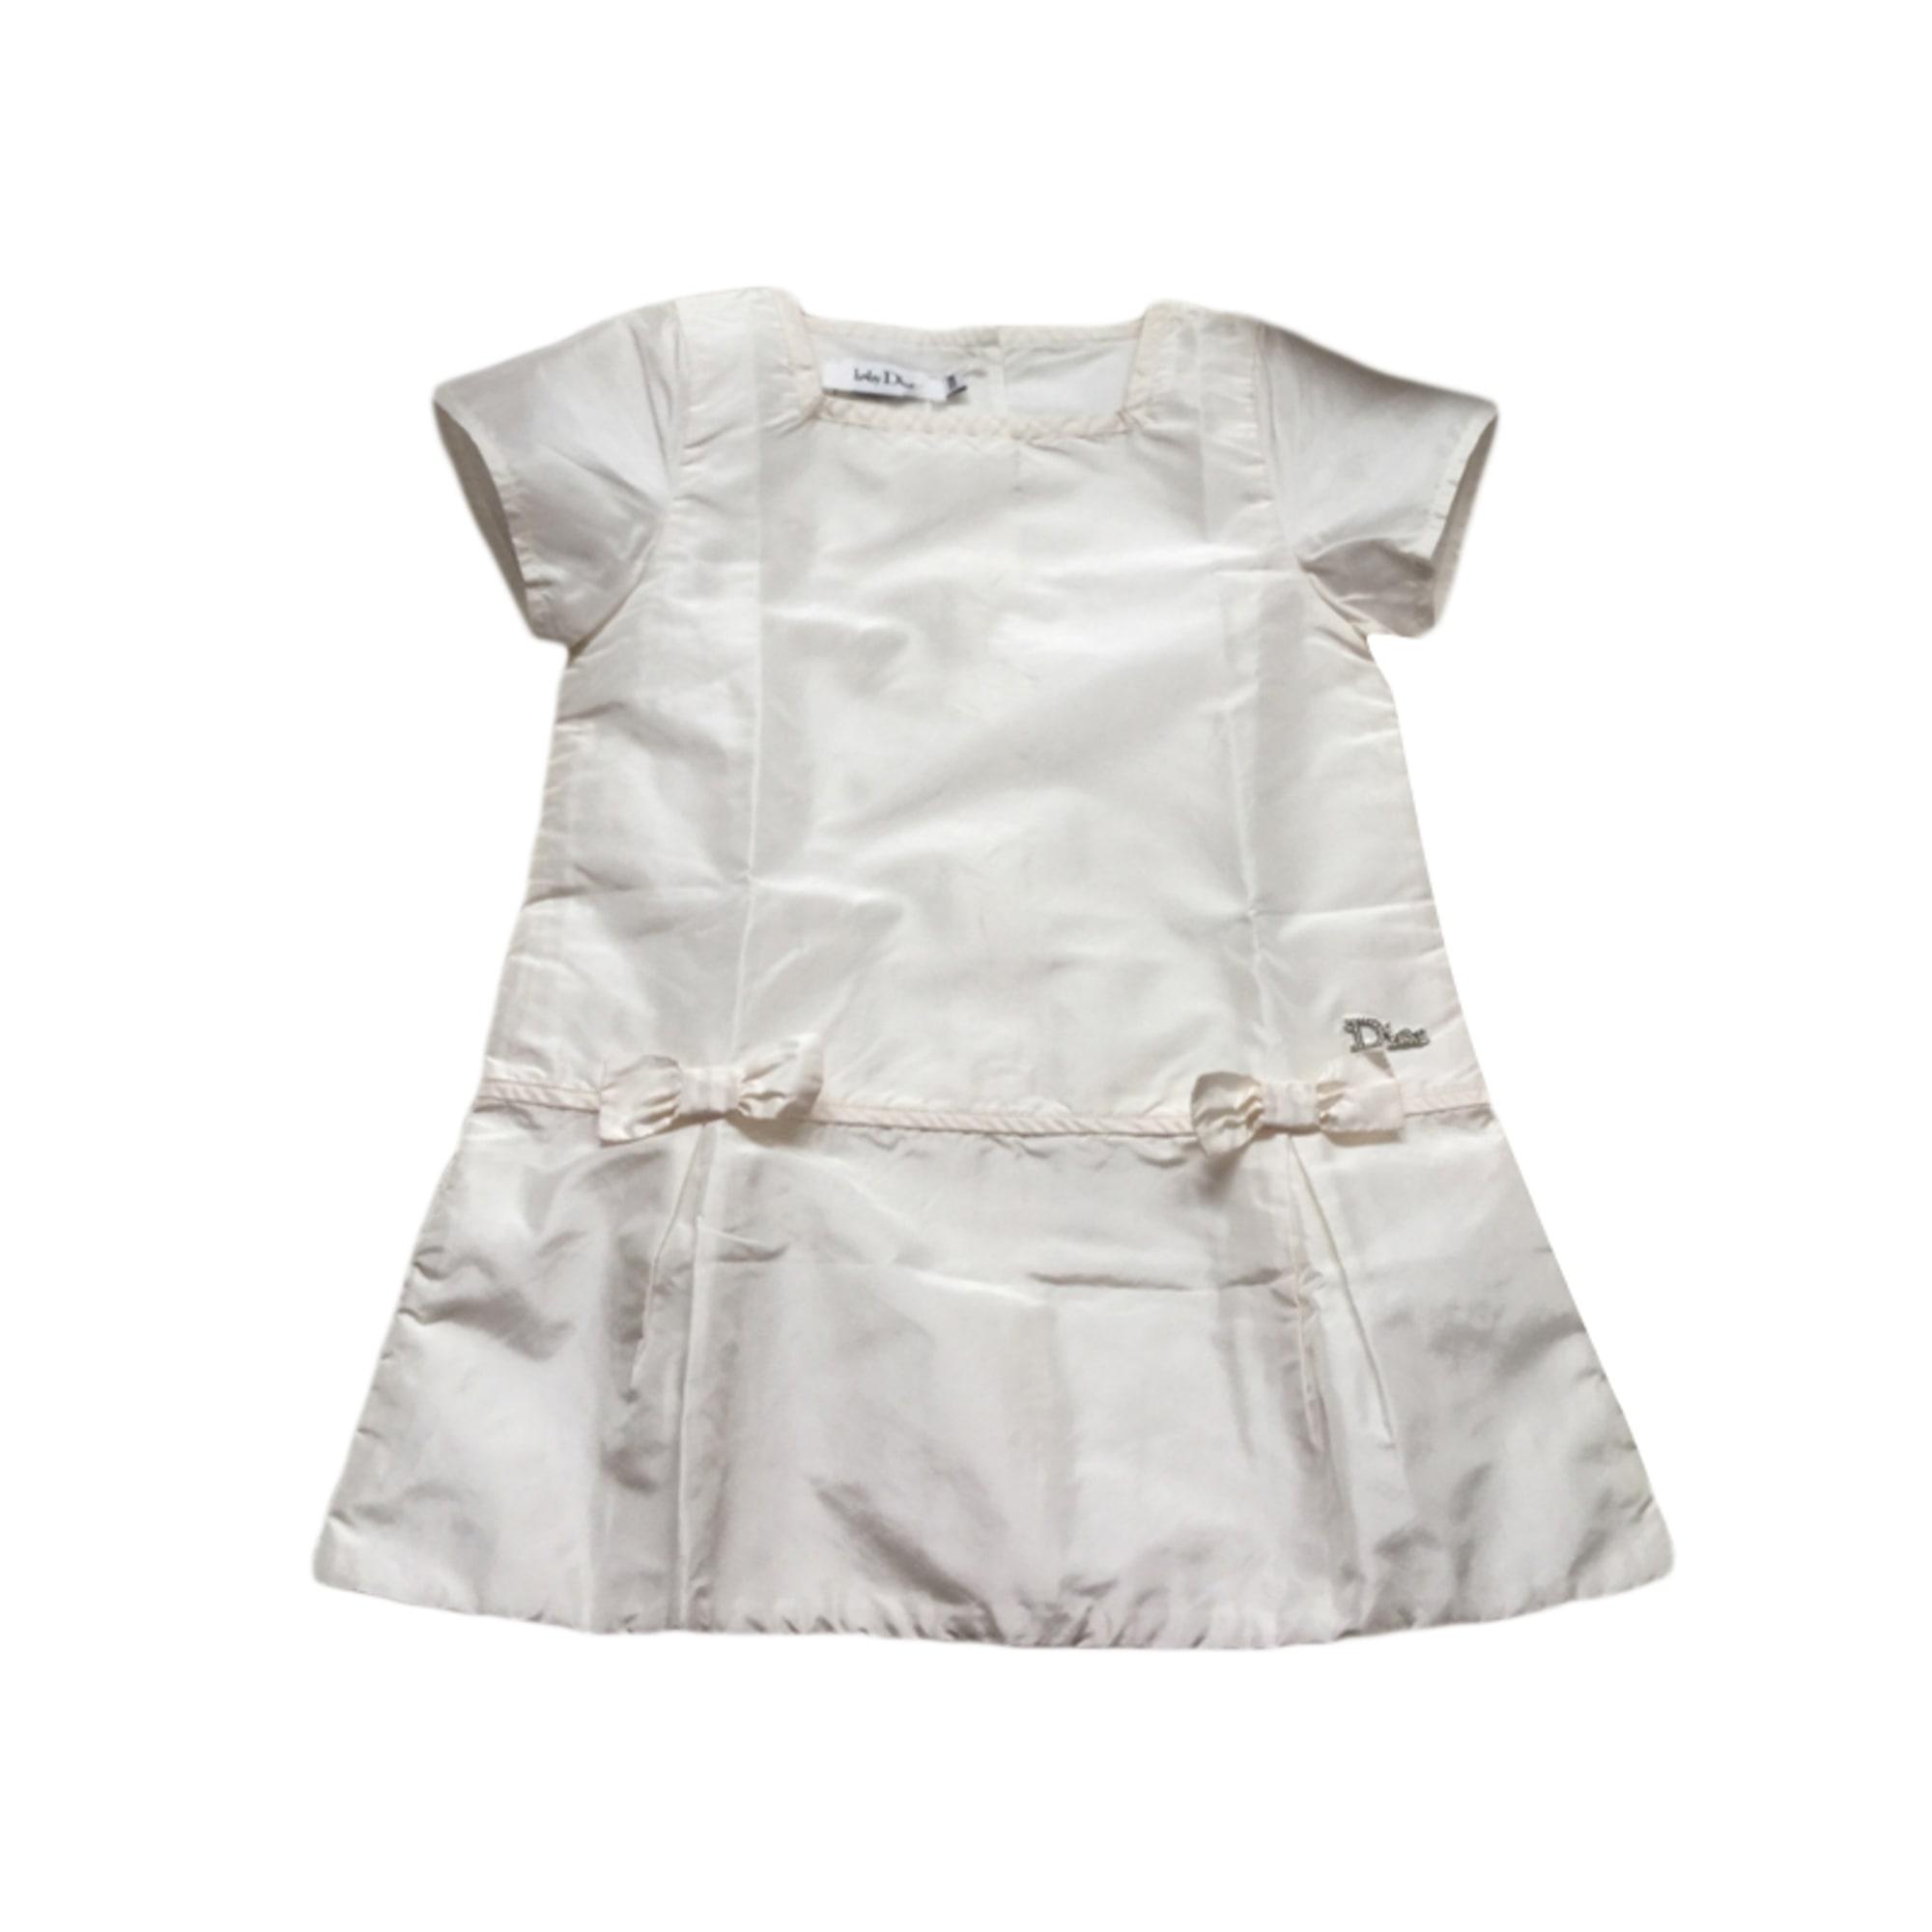 Robe BABY DIOR Blanc, blanc cassé, écru